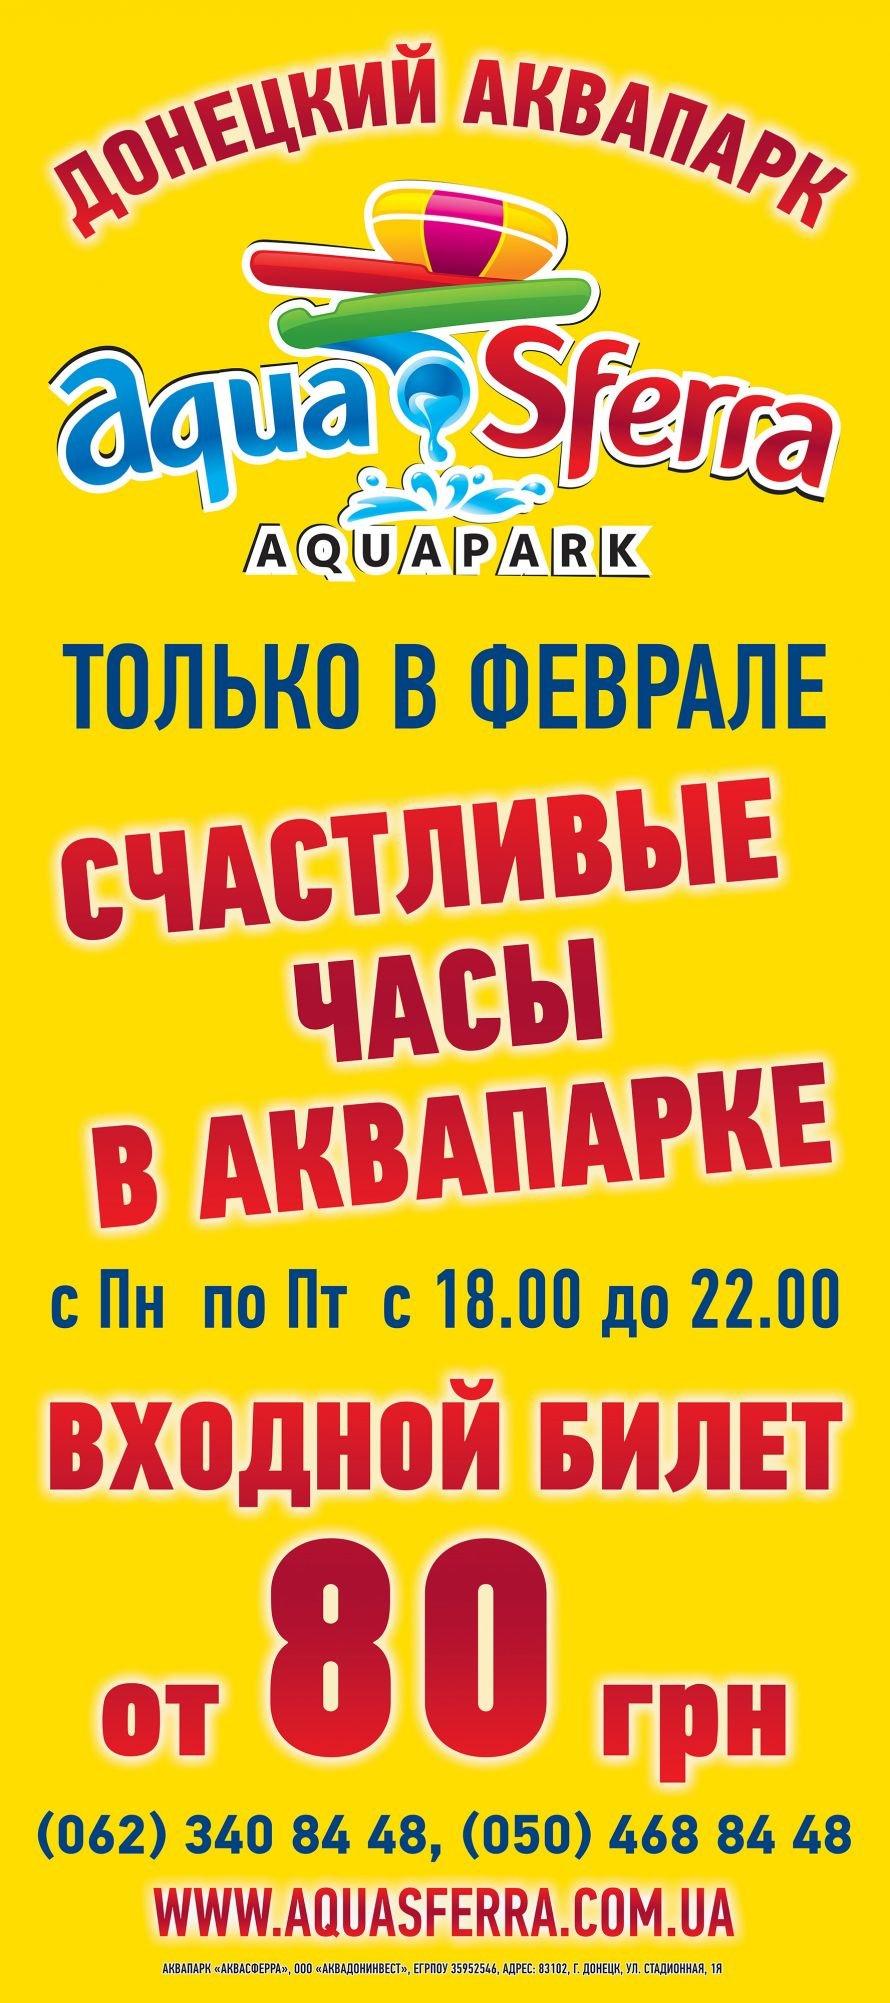 Донецкий аквапарк «Аквасферра» сообщает об акции «Счастливые часы», фото-1